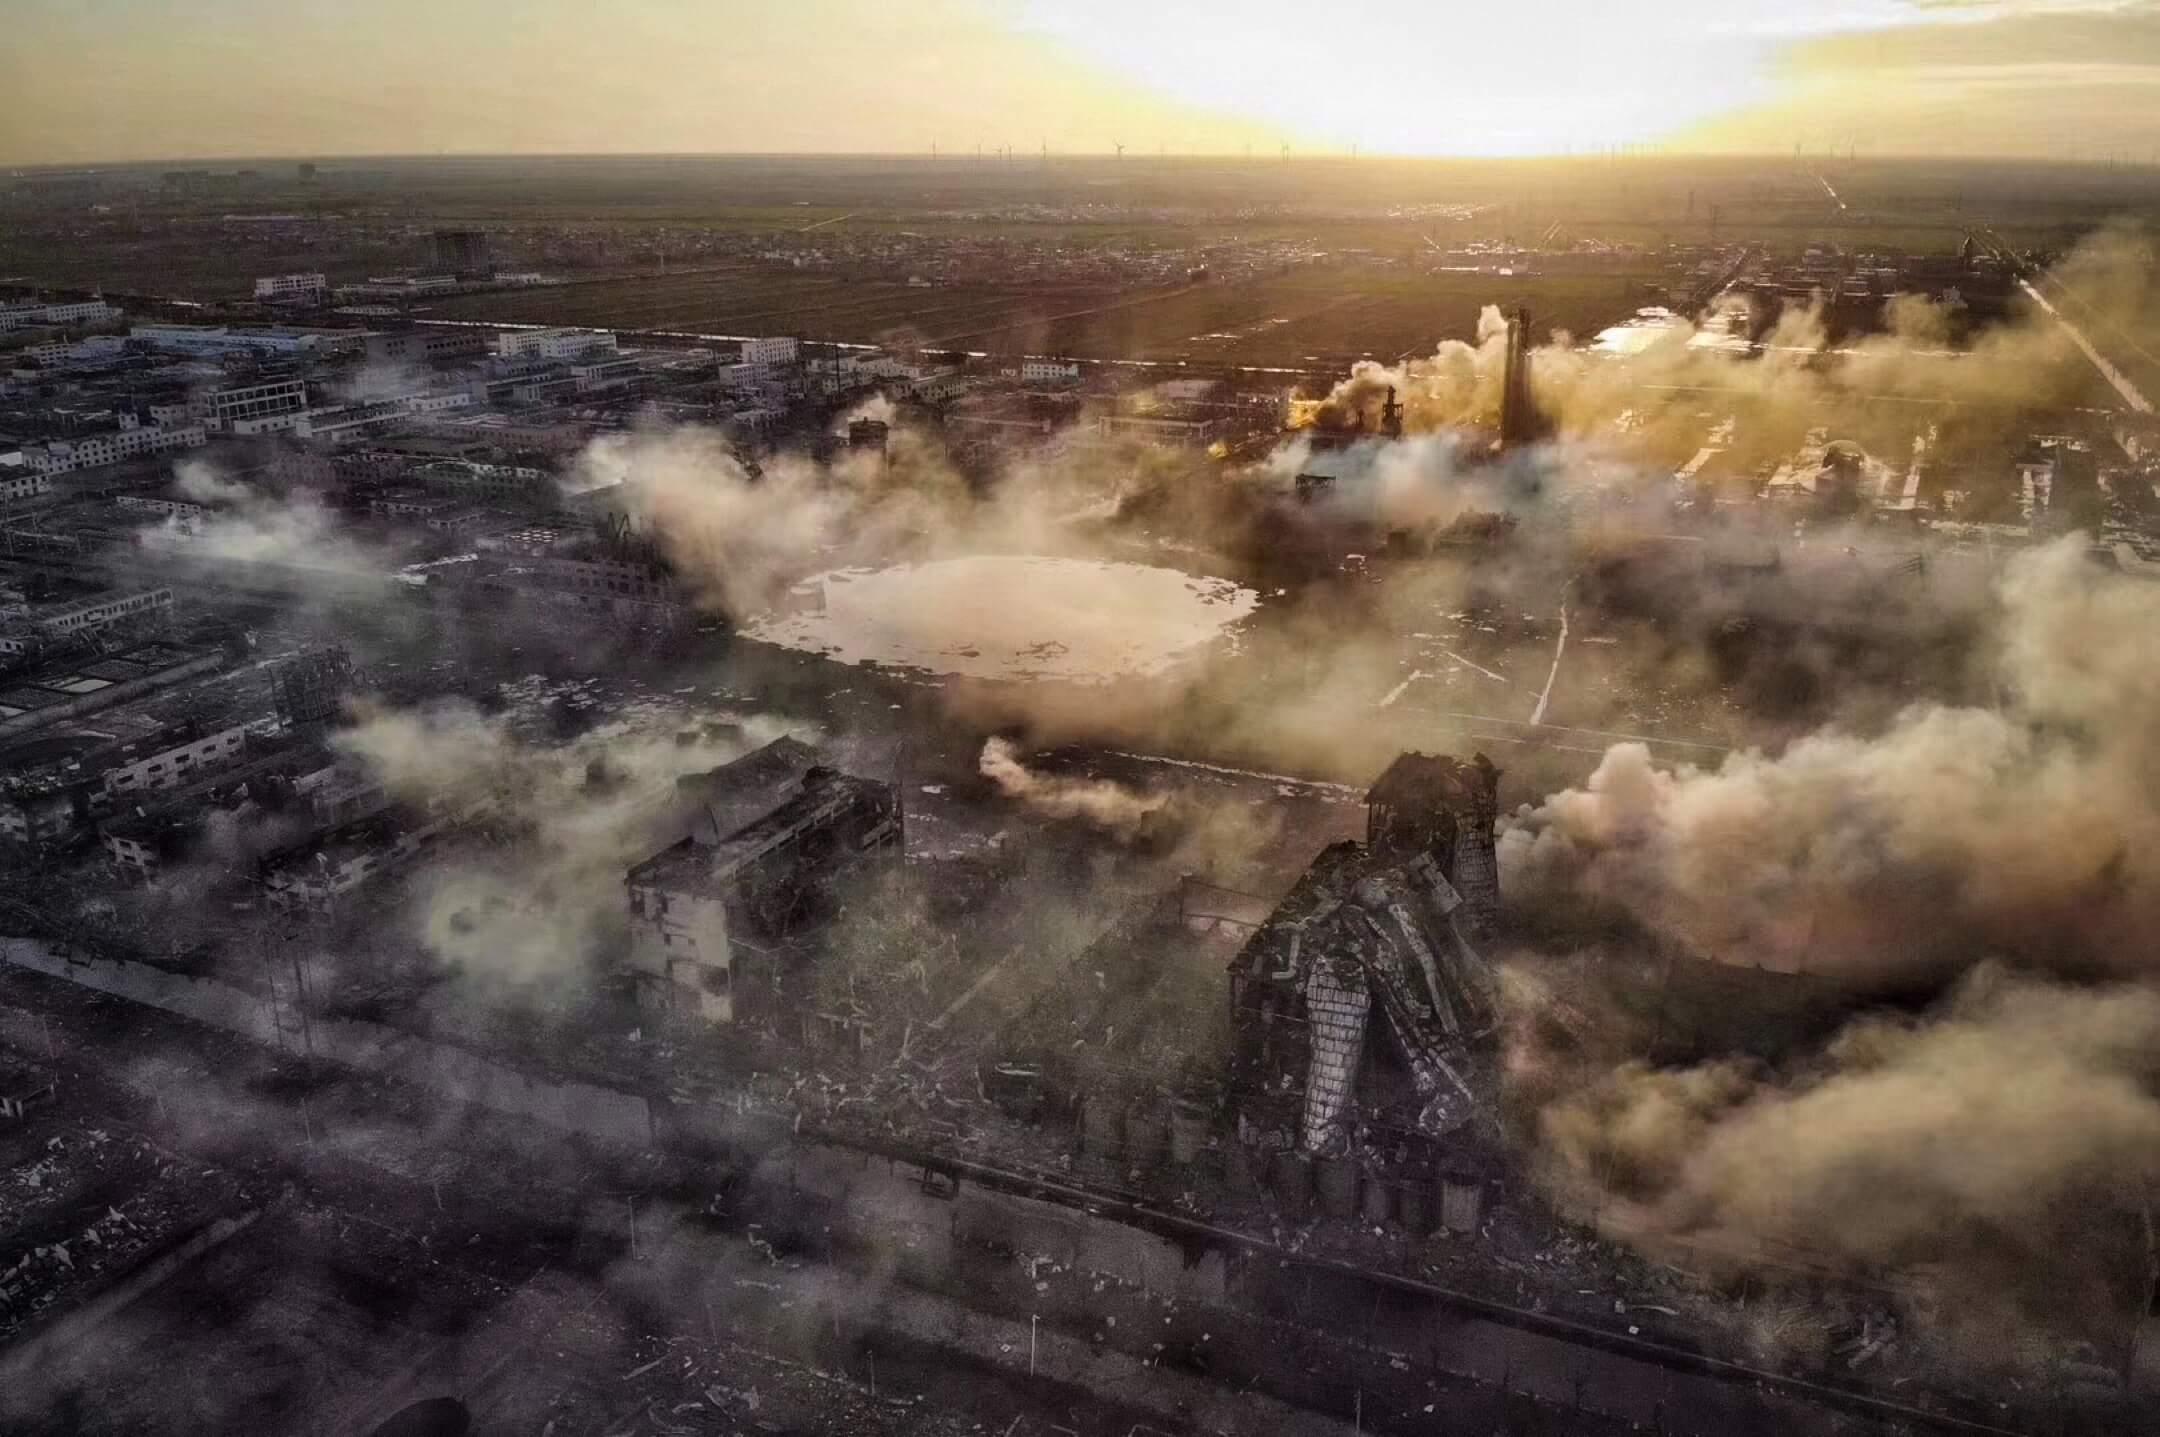 2019年3月21日,江蘇省鹽城市響水縣陳家港化工園區發生爆炸後,廠區完全被摧毀,留下一個大坑。 網上圖片